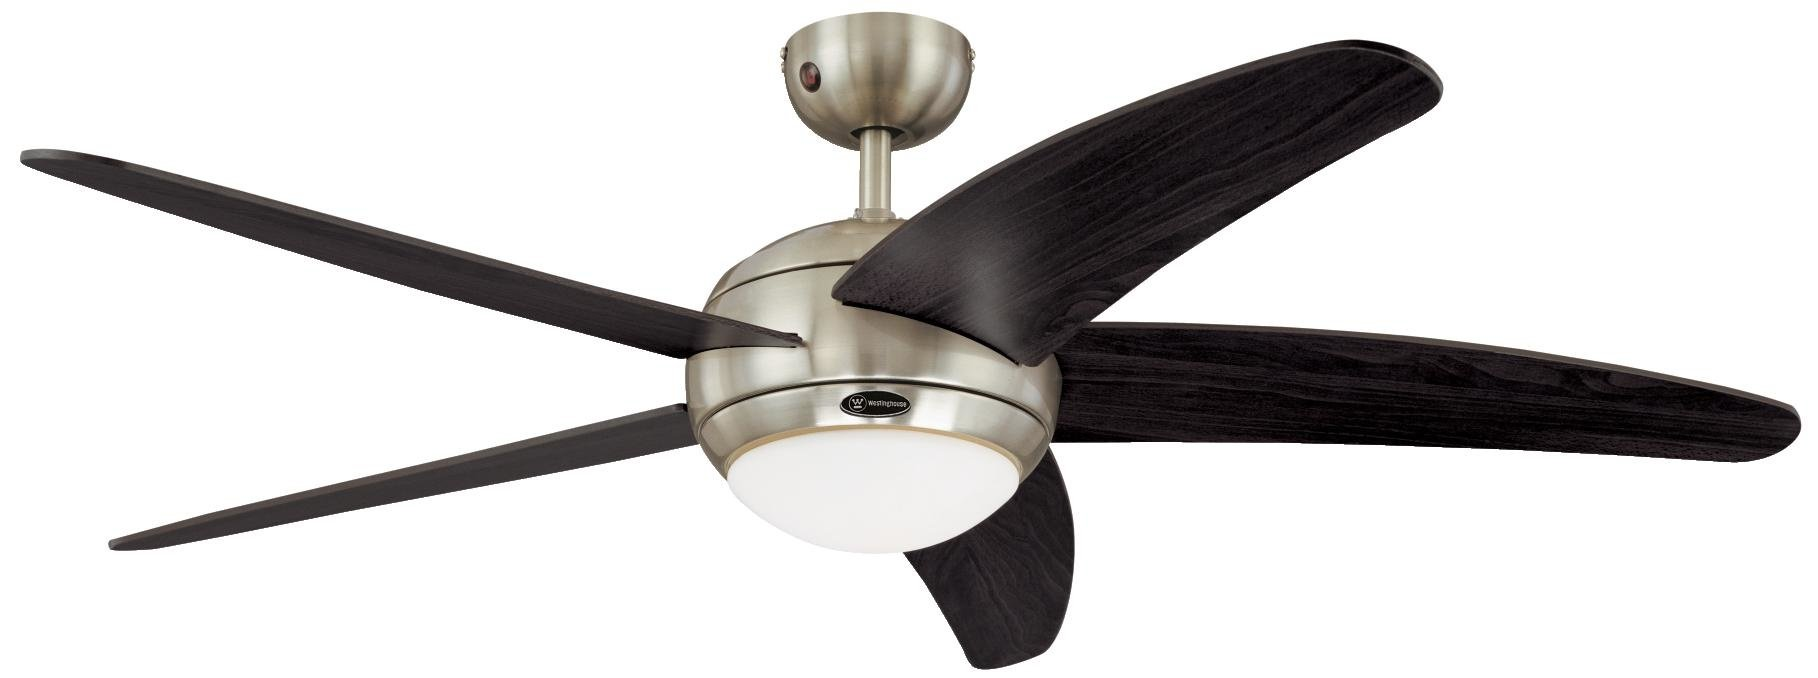 Westinghouse 7255740 Bendan Ventilateur de plafond R7s 80 W Métal Chrome Satin product image